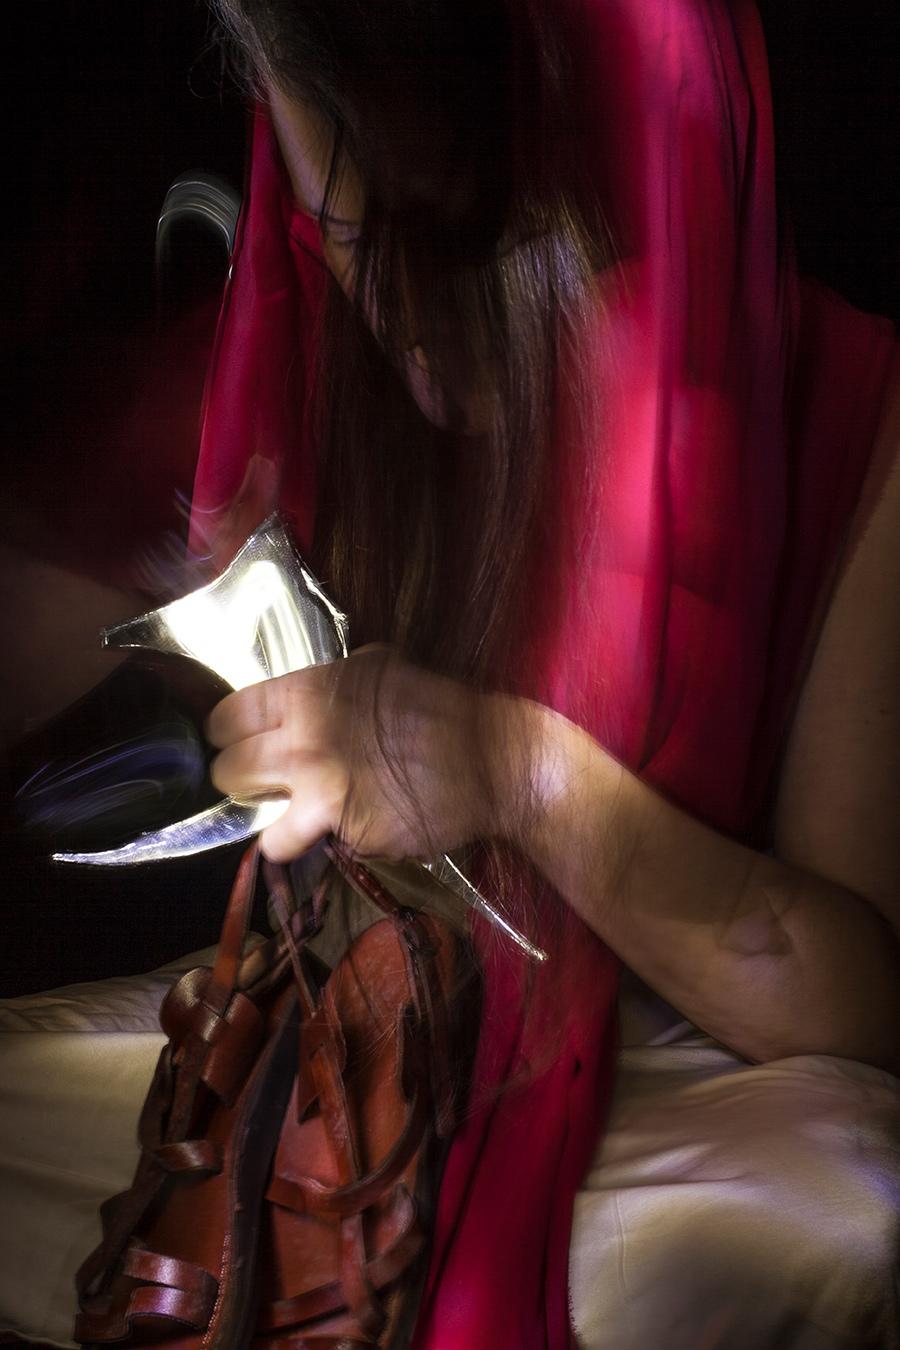 sguardi tenda rossa sul corpo delle donne